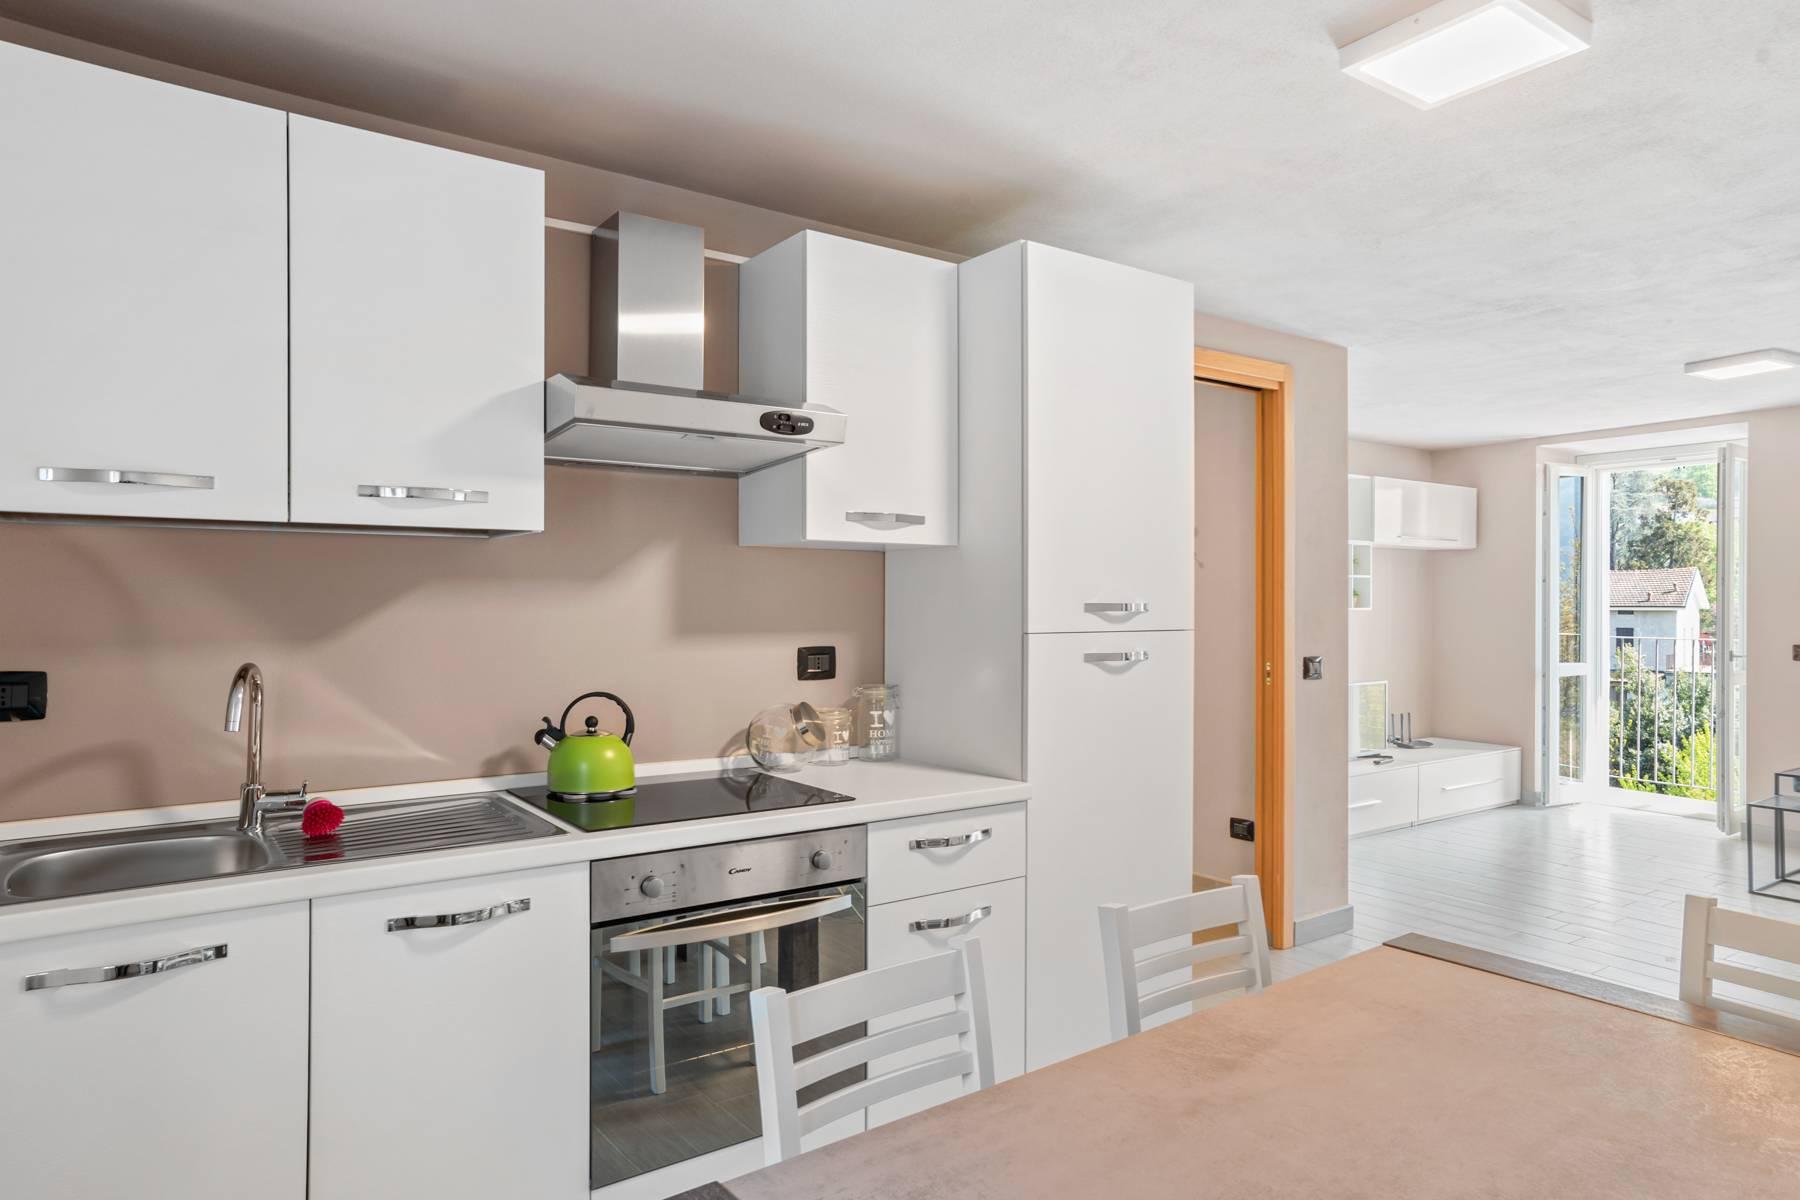 Appartamento in Vendita a Castelveccana: 3 locali, 99 mq - Foto 6